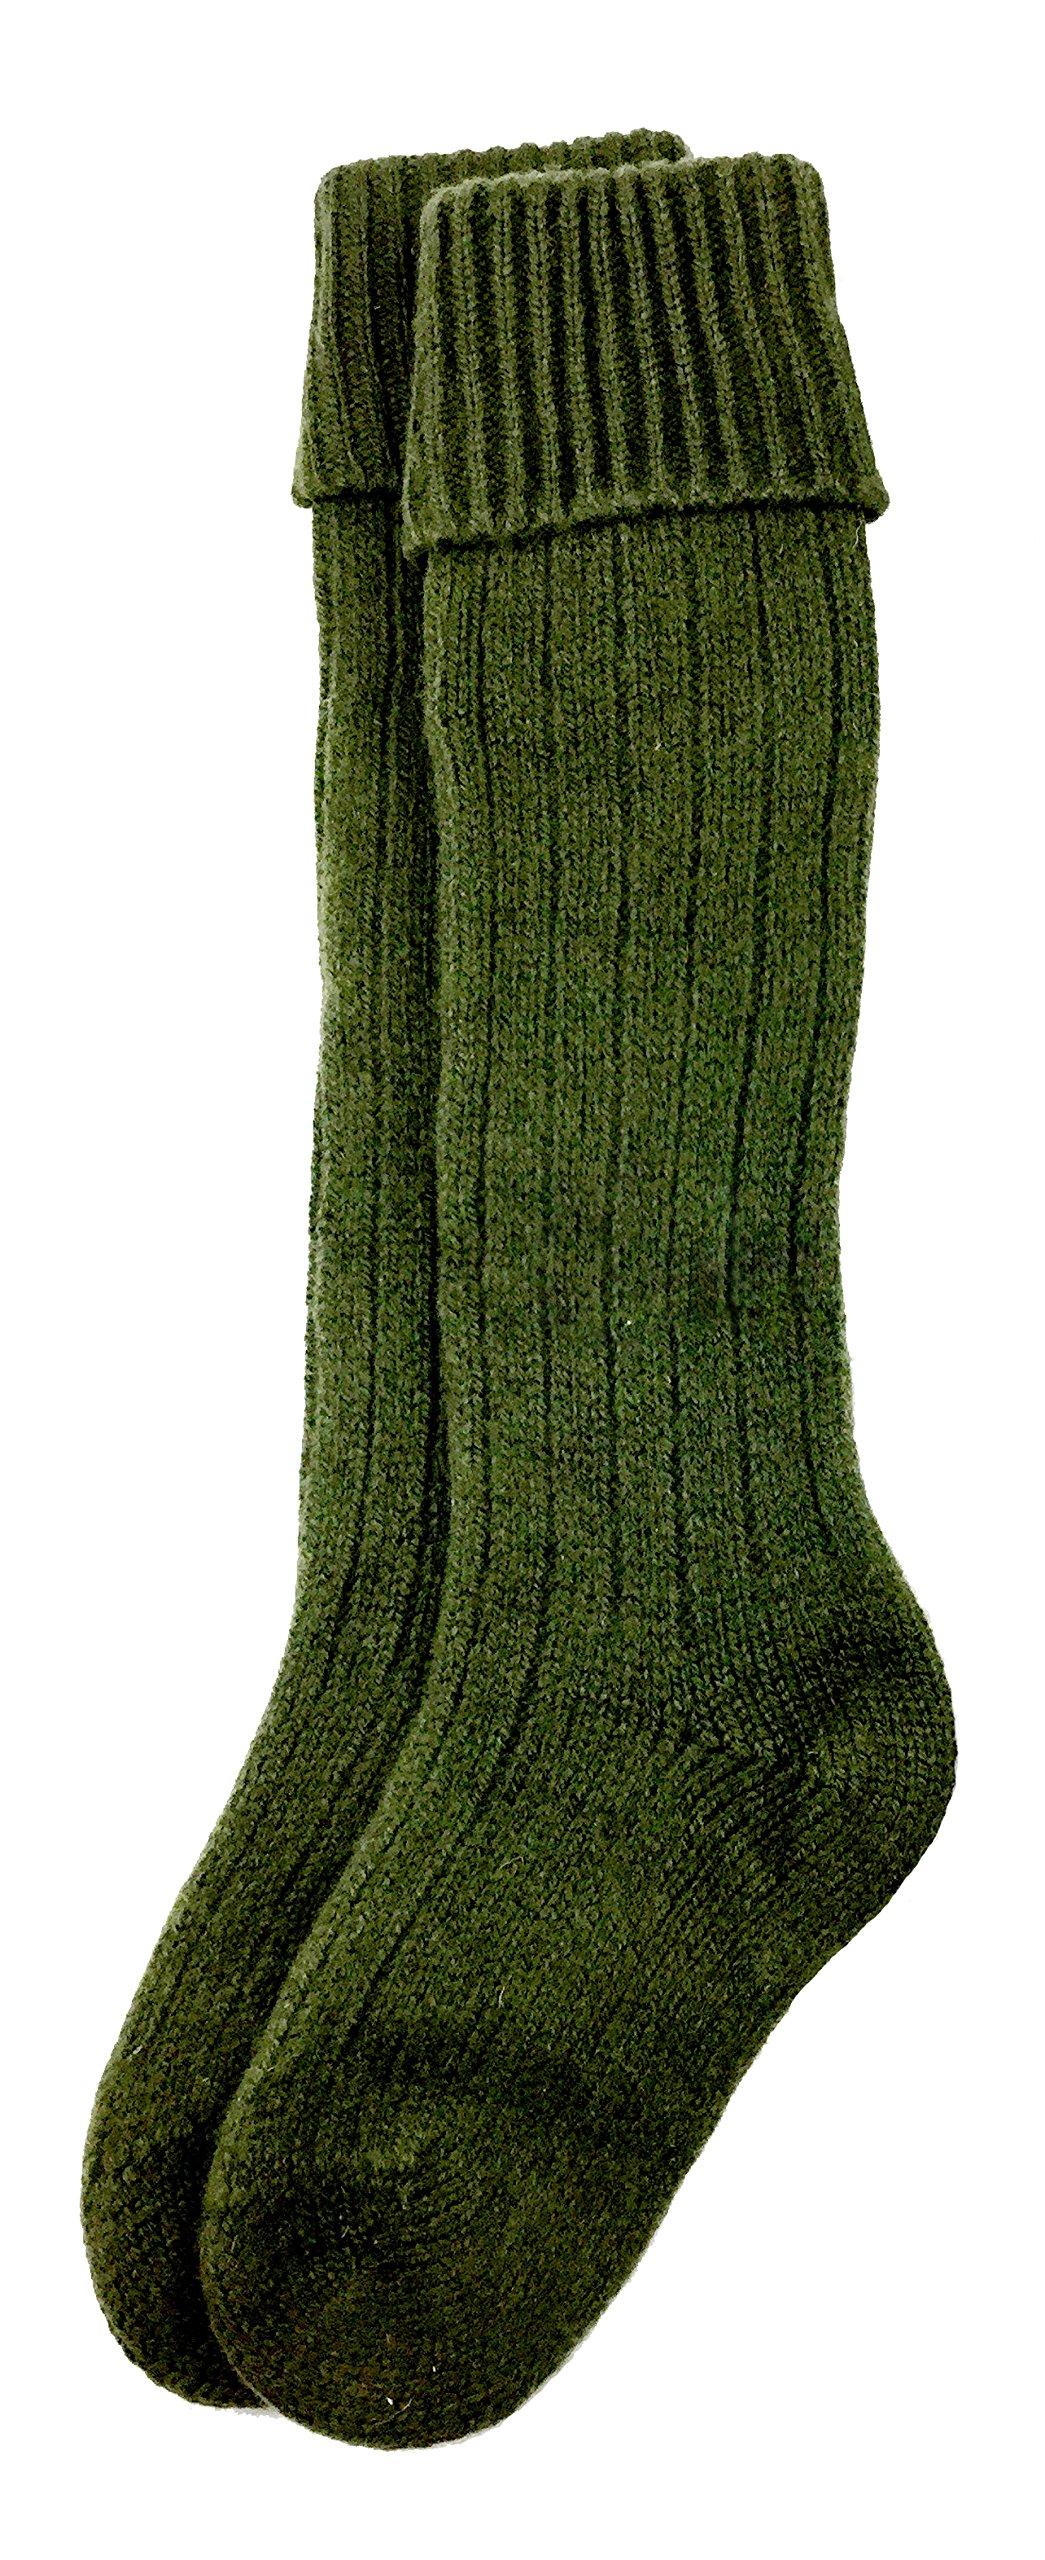 Dachstein Woolwear Over the Knee Austrian Wool Socks (8, Green) by Dachstein Woolwear